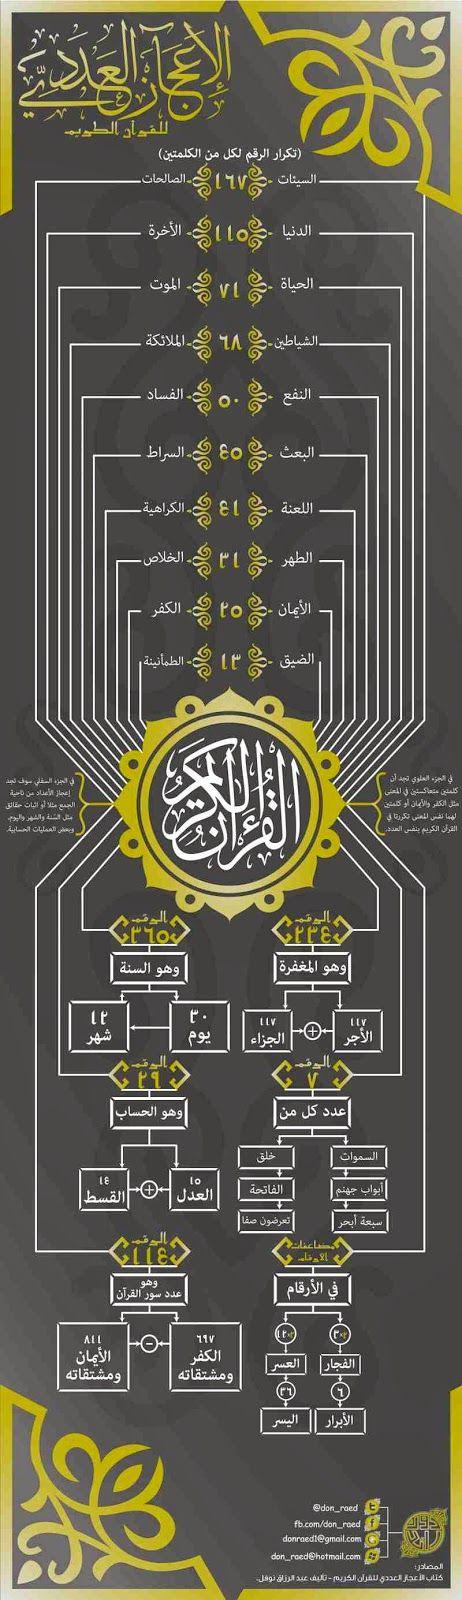 Mahalet Damana: الإعجاز العددي في القرآن الكريم